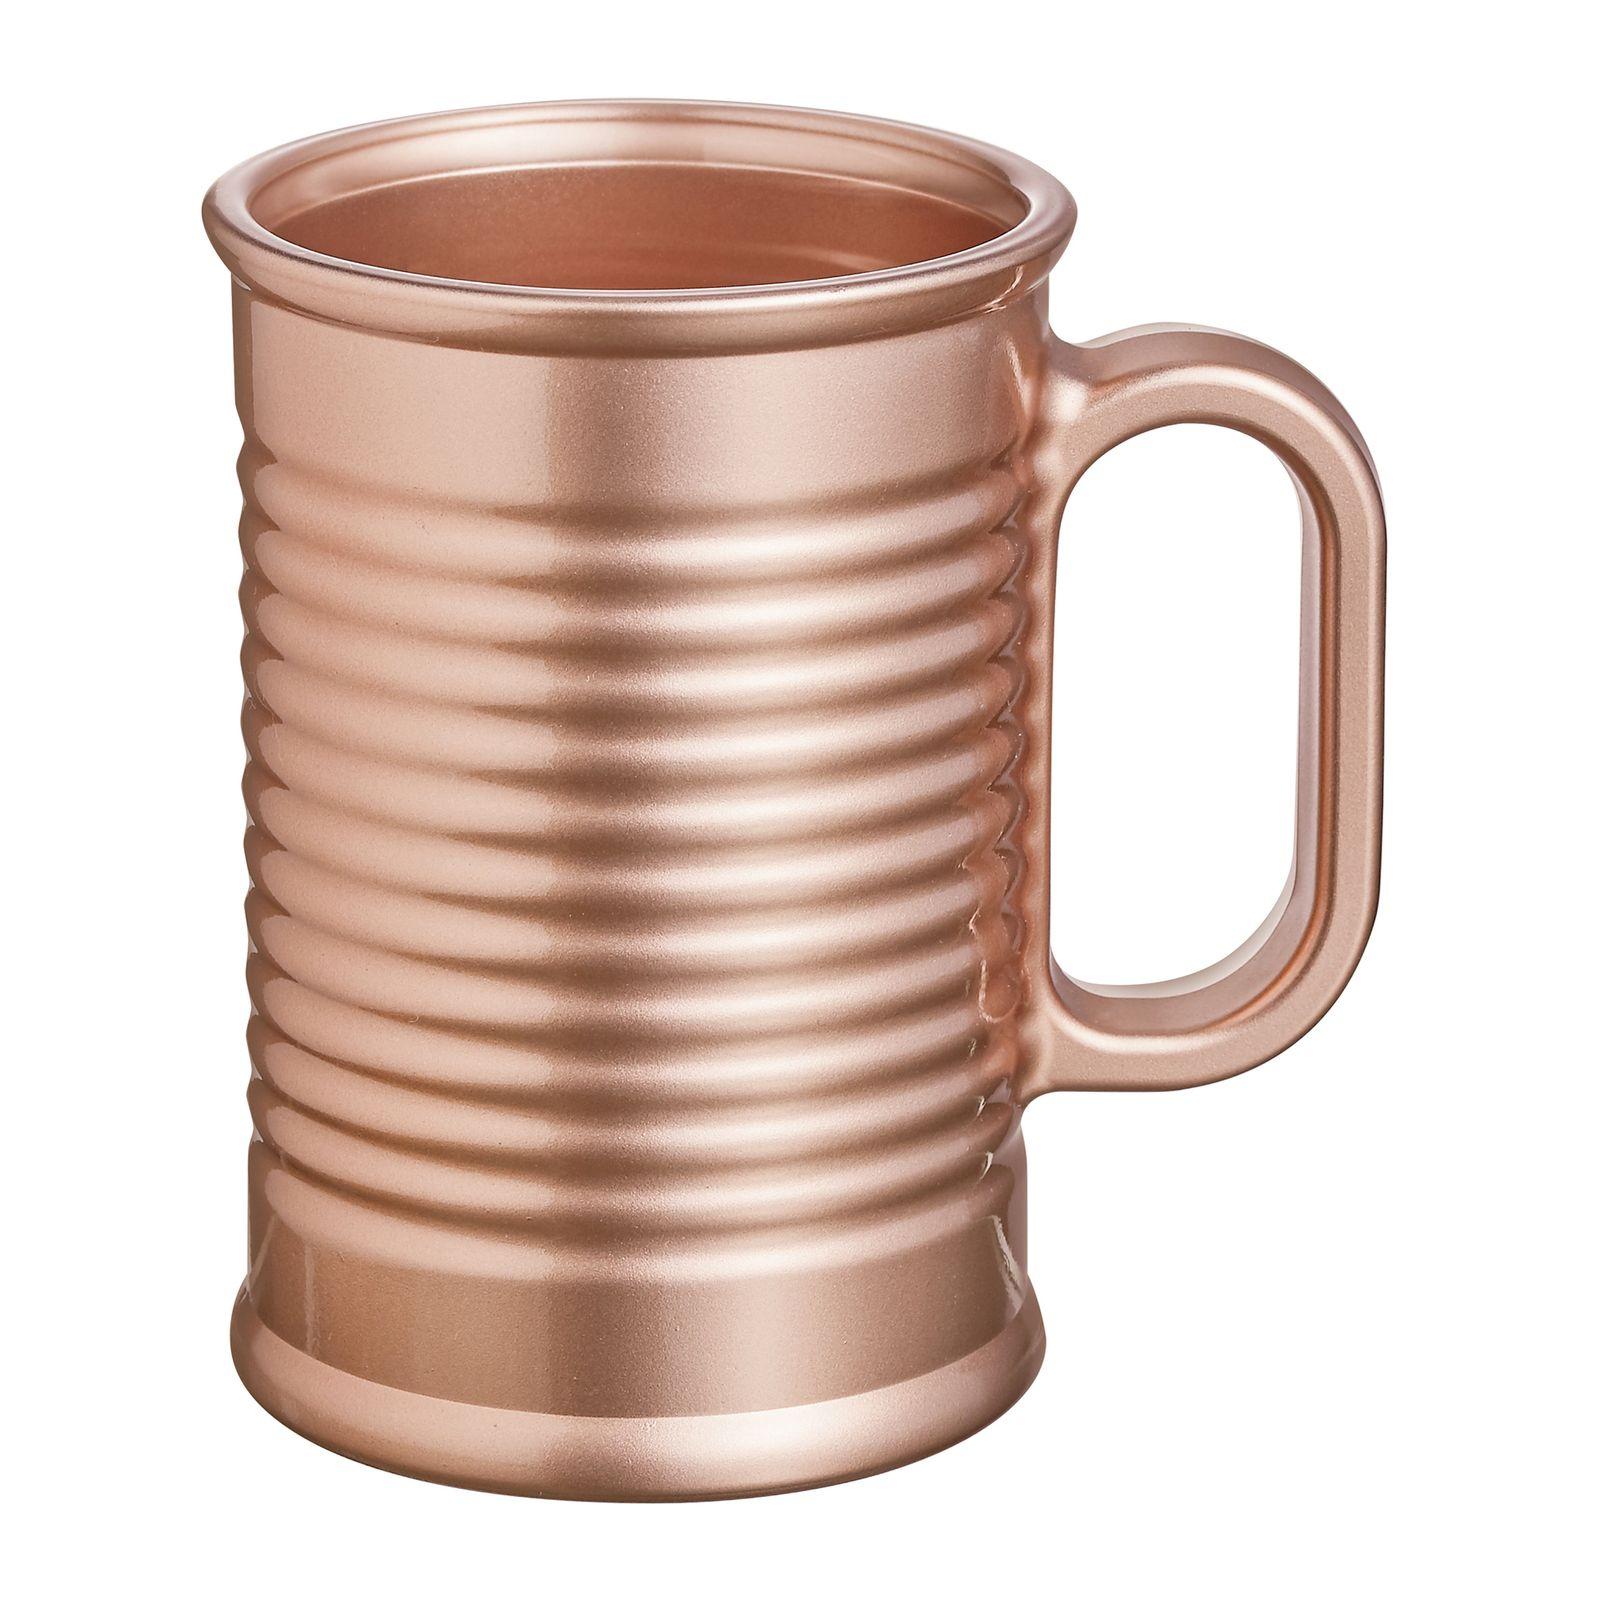 Kubek Conserve Moi 320 ml  miedziany-metalik LUMINARC